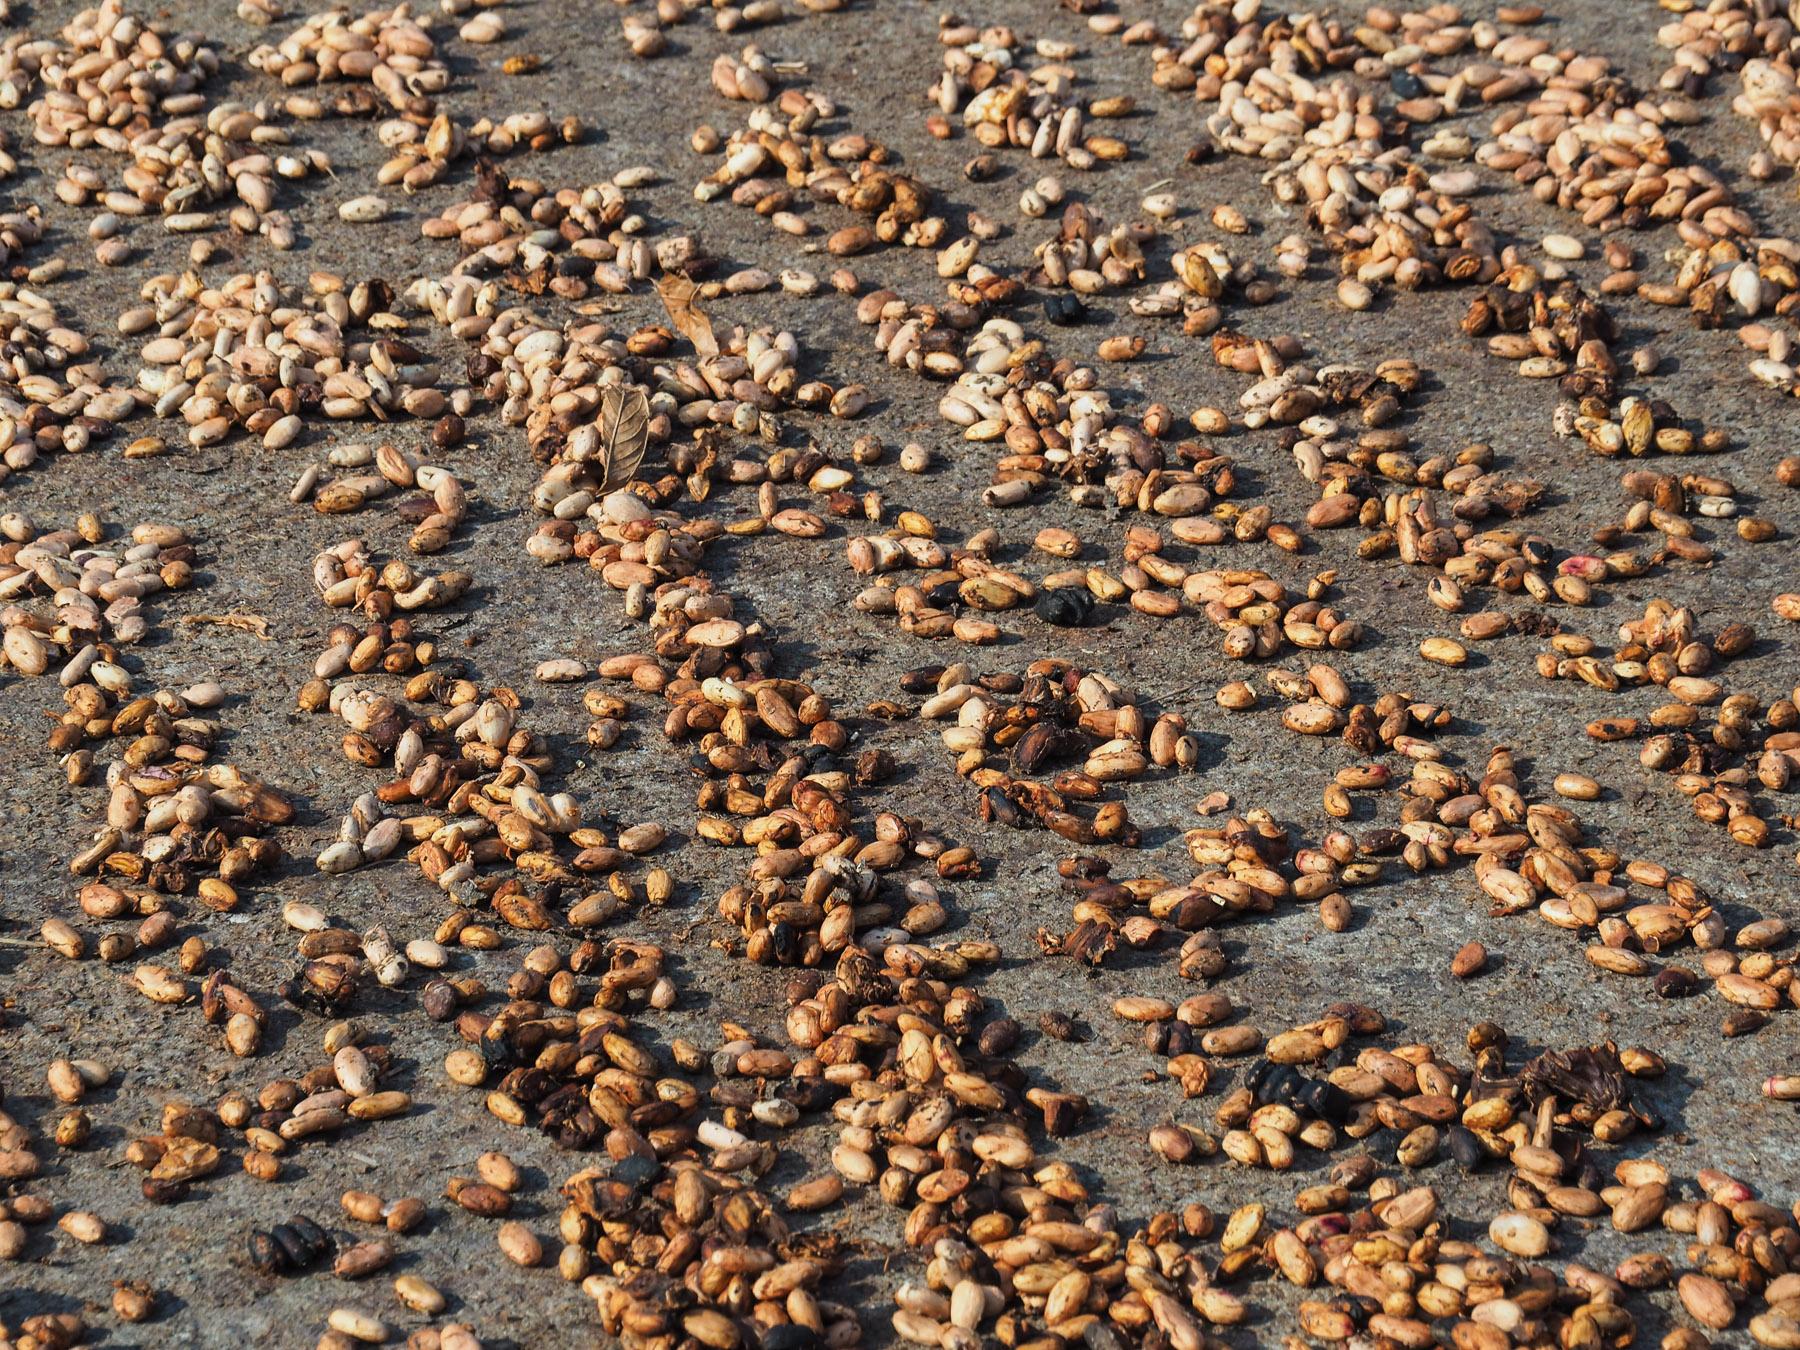 Frische Kakaobohnen beim Trocknen in der Sonne